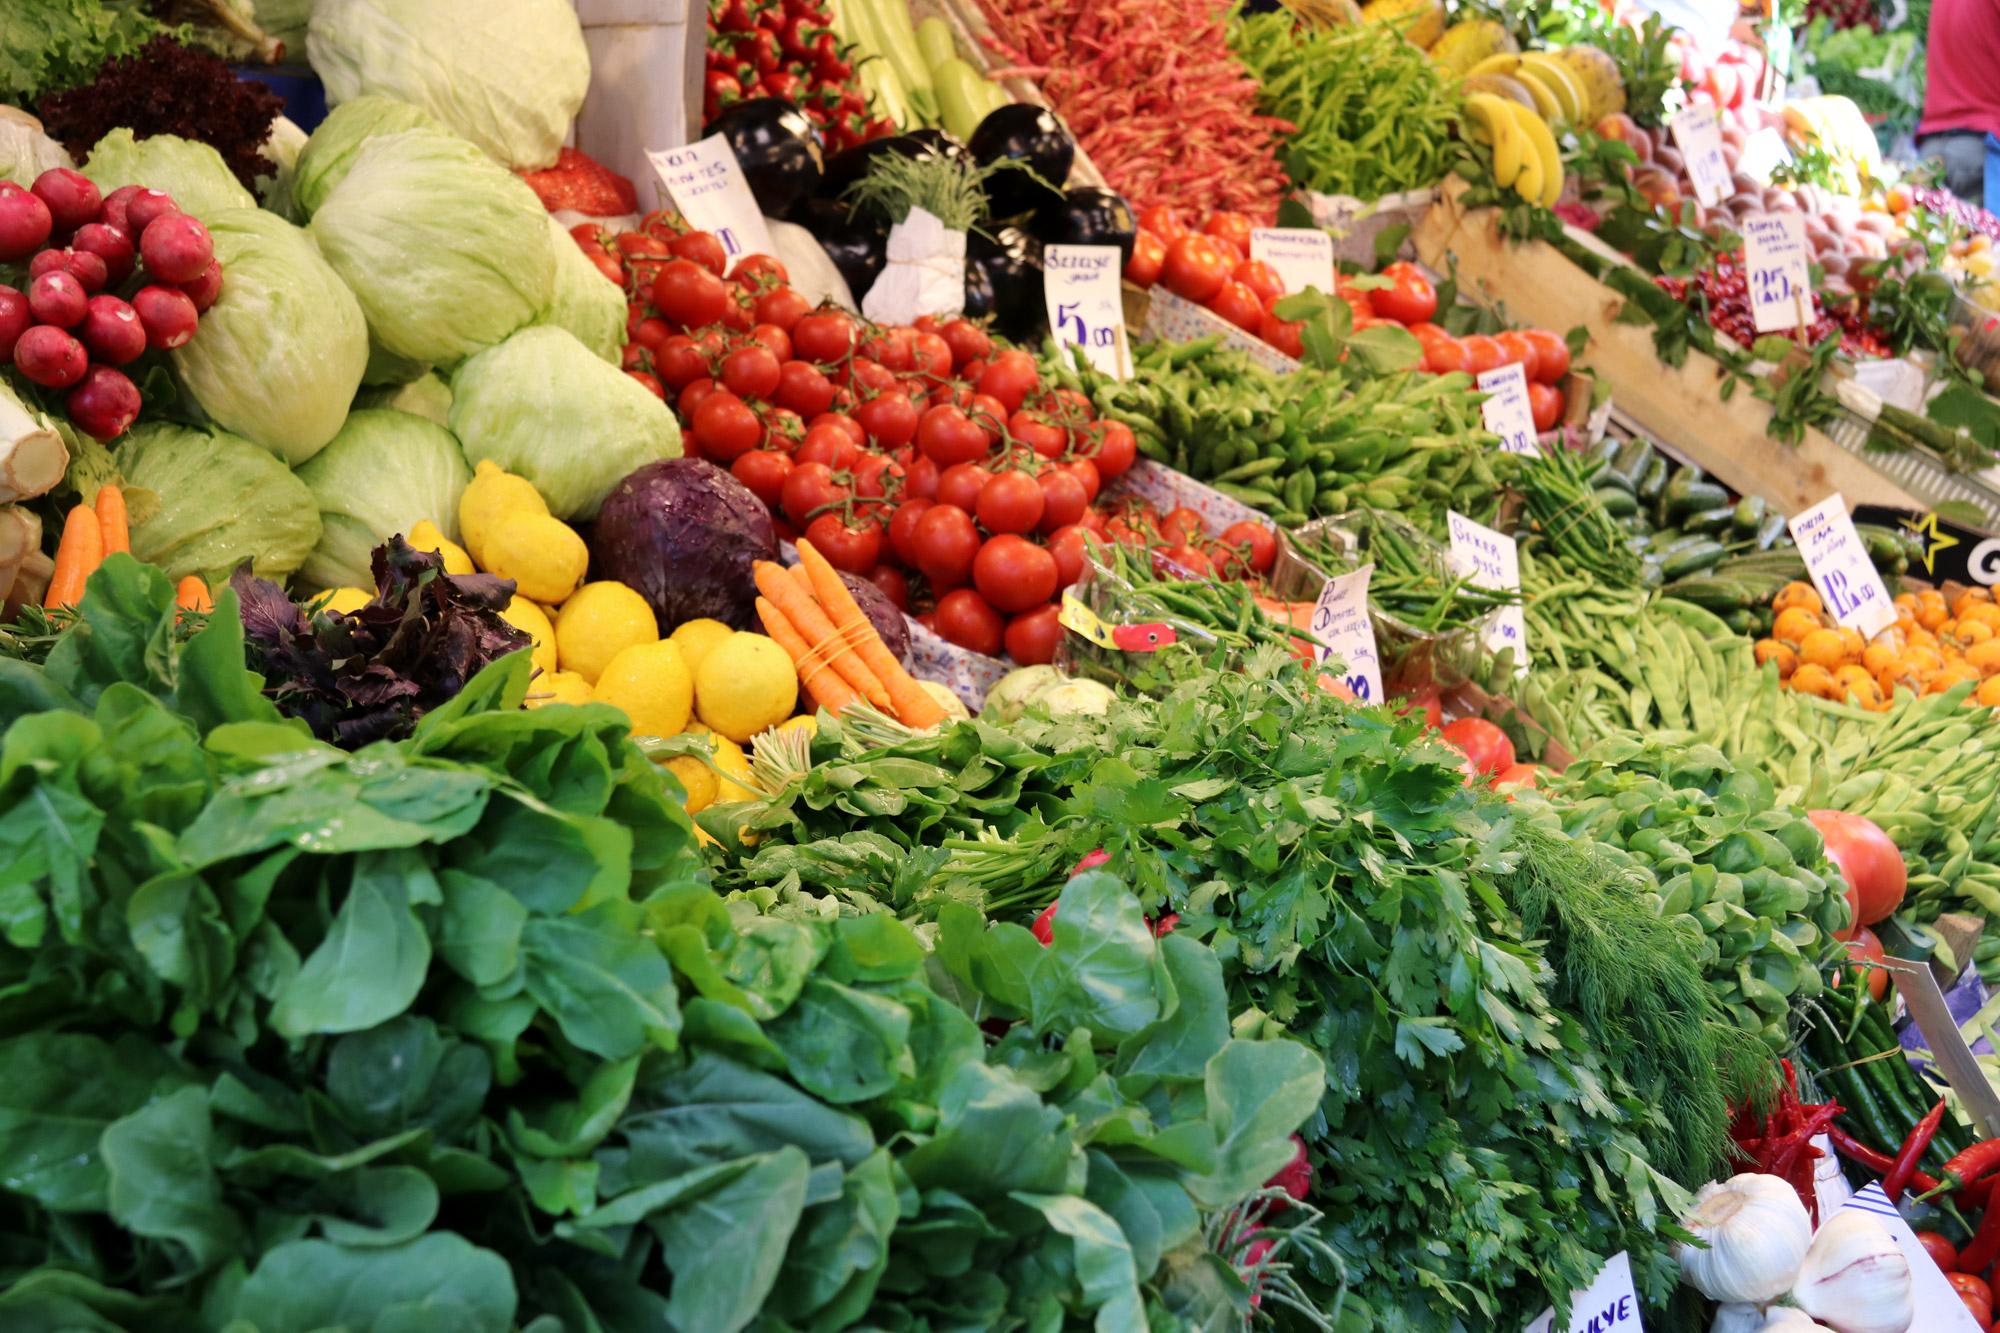 Stedentrip Istanbul - Groente op de markt van Kadiköy